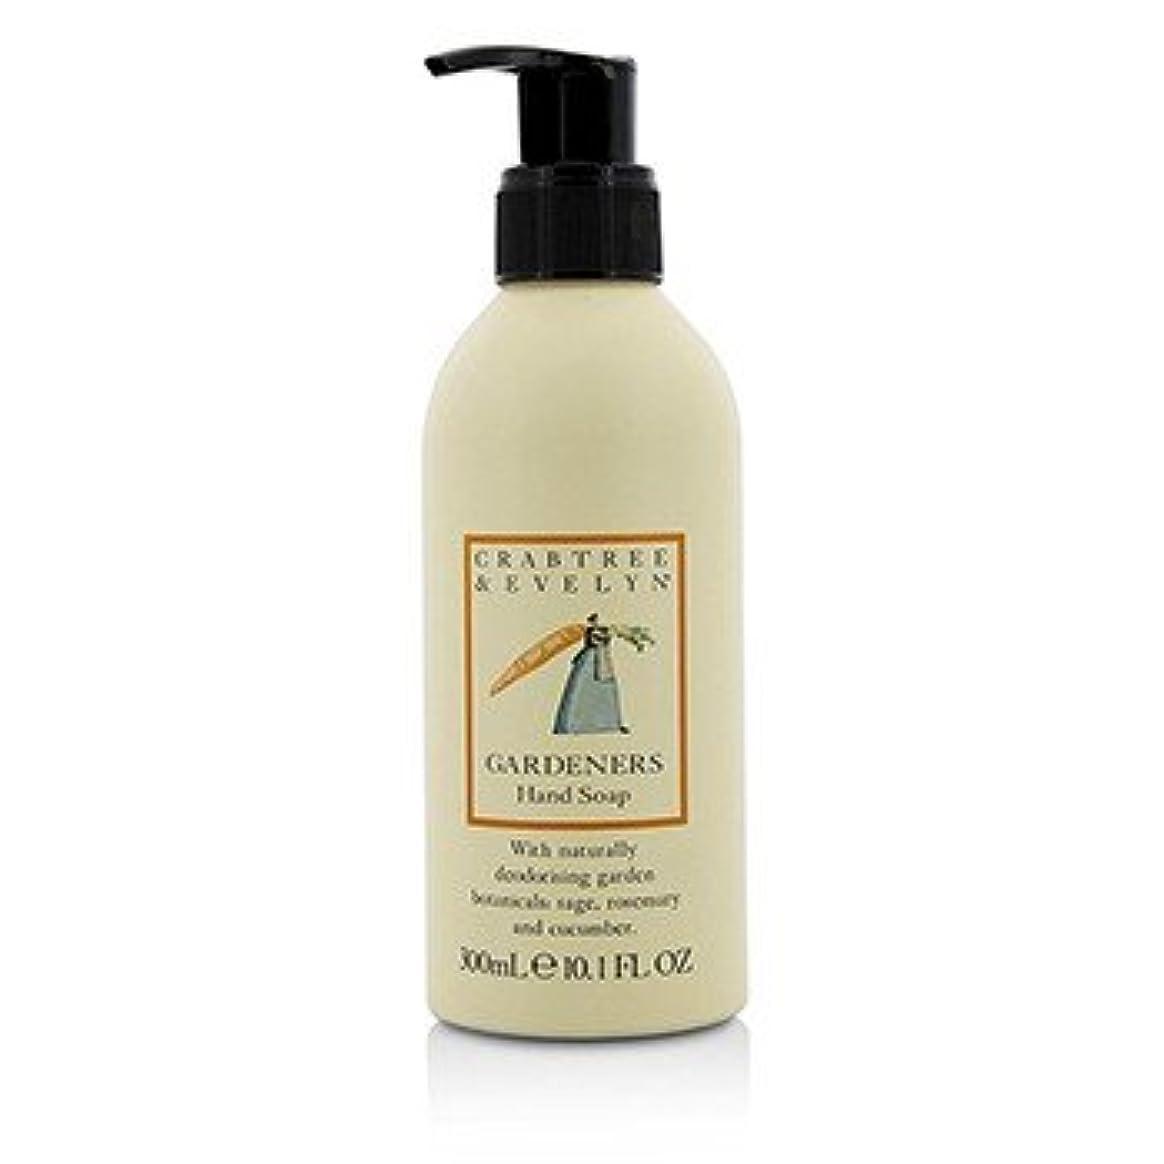 アイスクリームオーガニック畝間[Crabtree & Evelyn] Gardeners Hand Soap 300ml/10.1oz